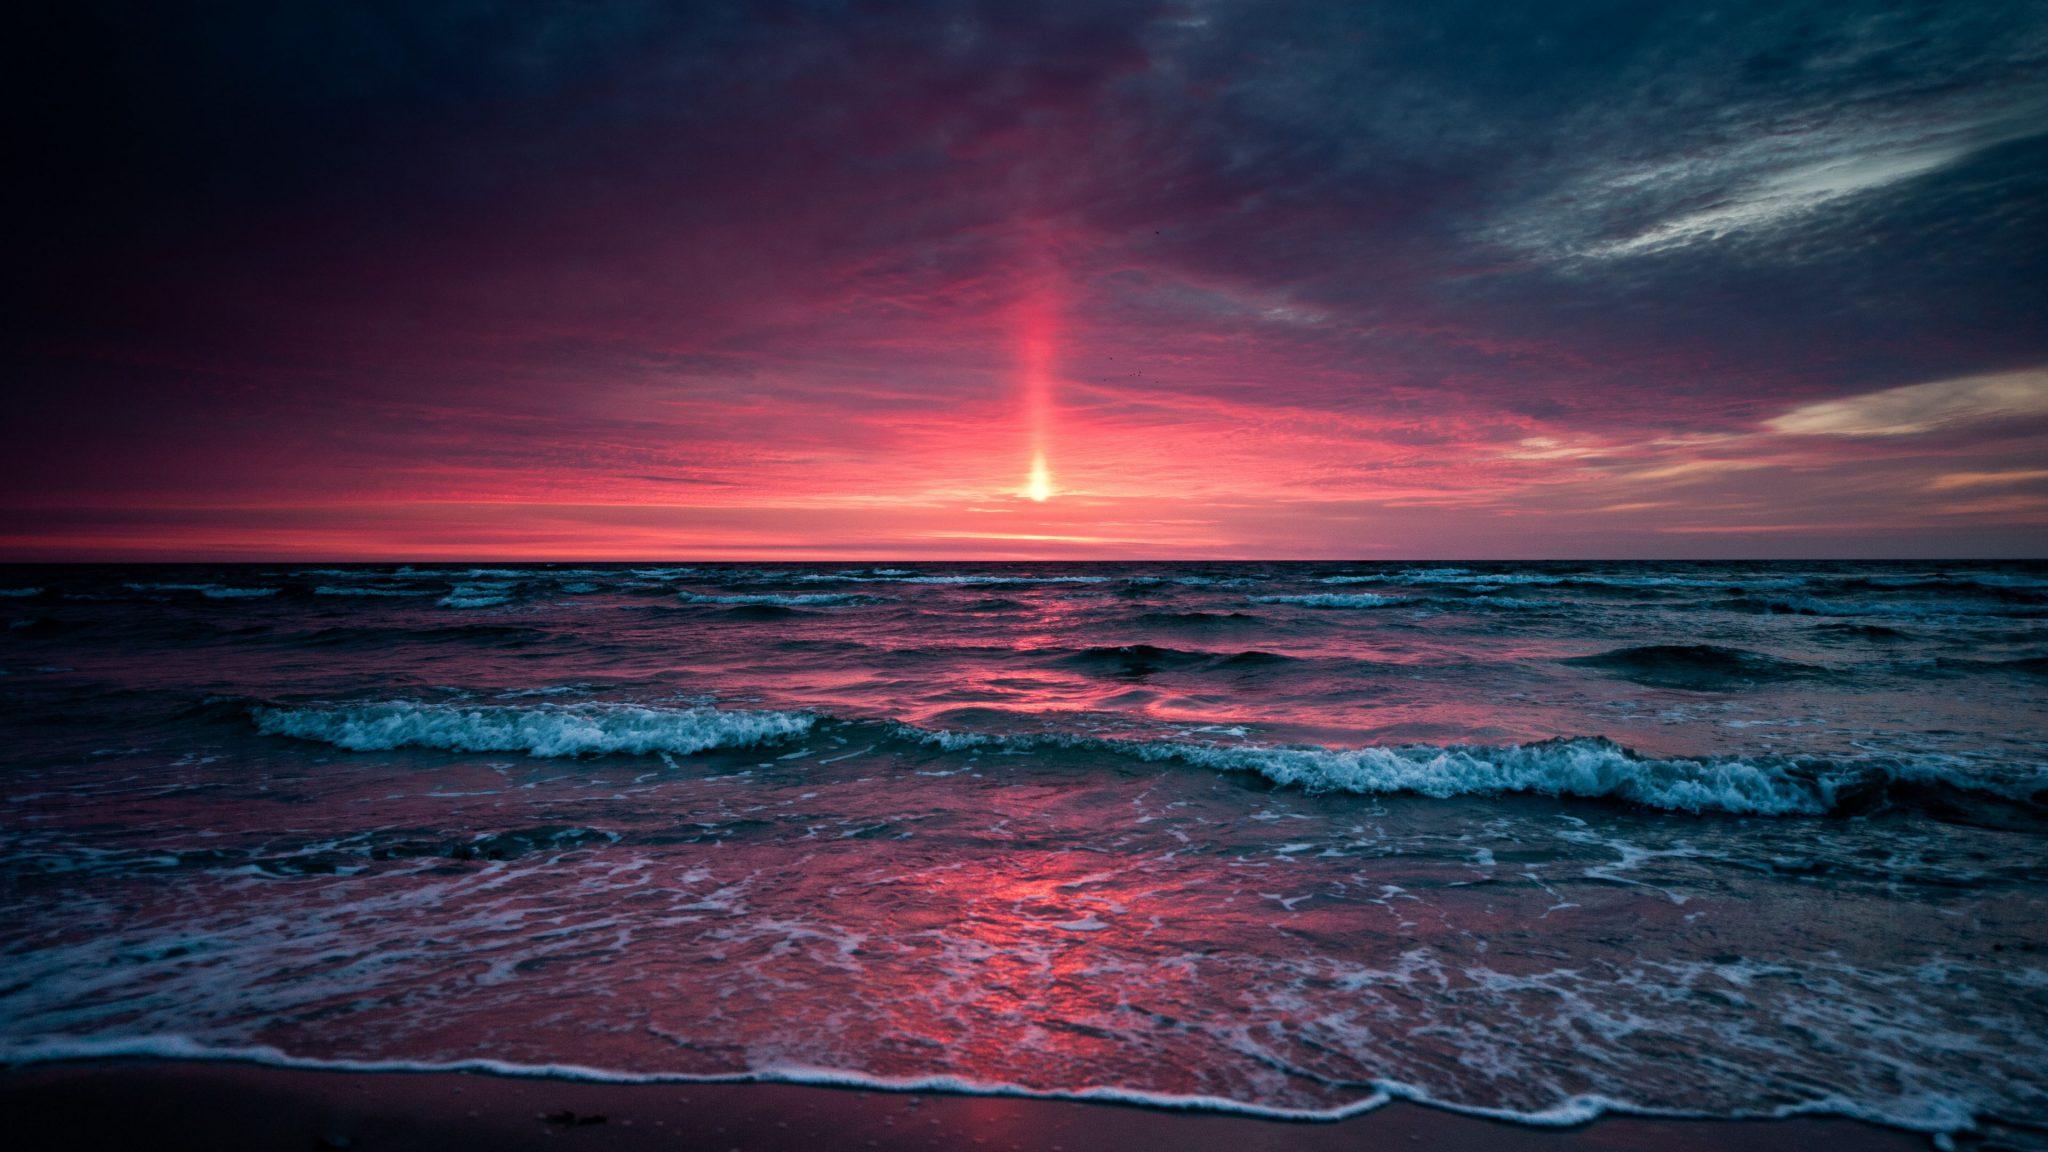 Pink Sunset Blue Ocean Water 4k Wallpaper Best Wallpapers